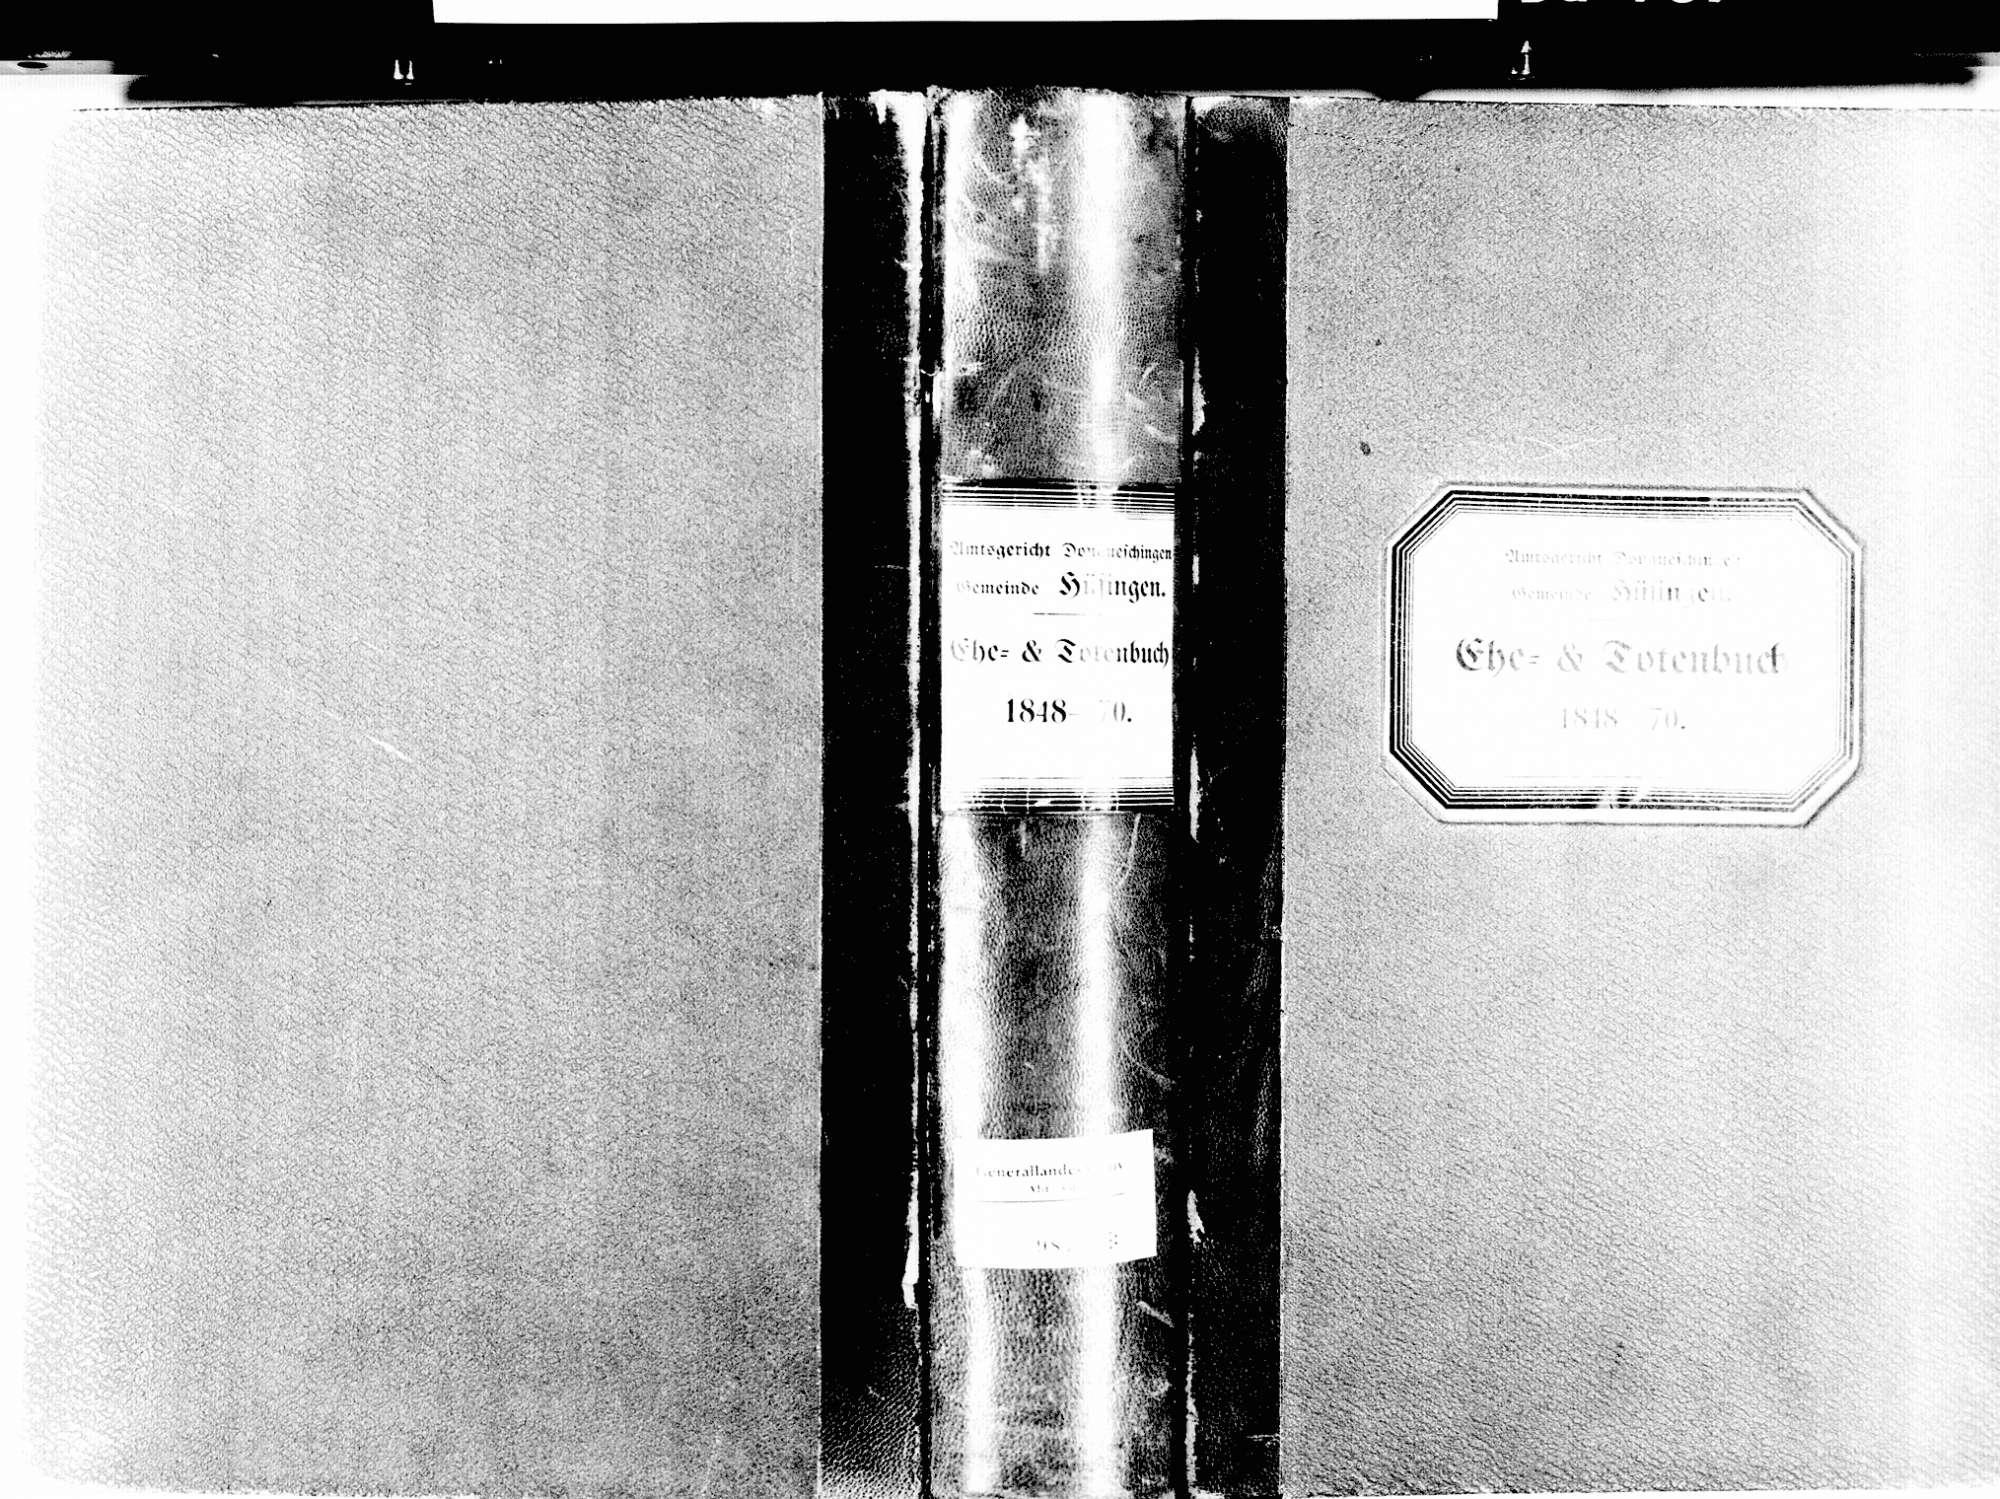 Hüfingen VS; Katholische Gemeinde: Heirats- und Sterbebuch 1848-1870, Bild 2